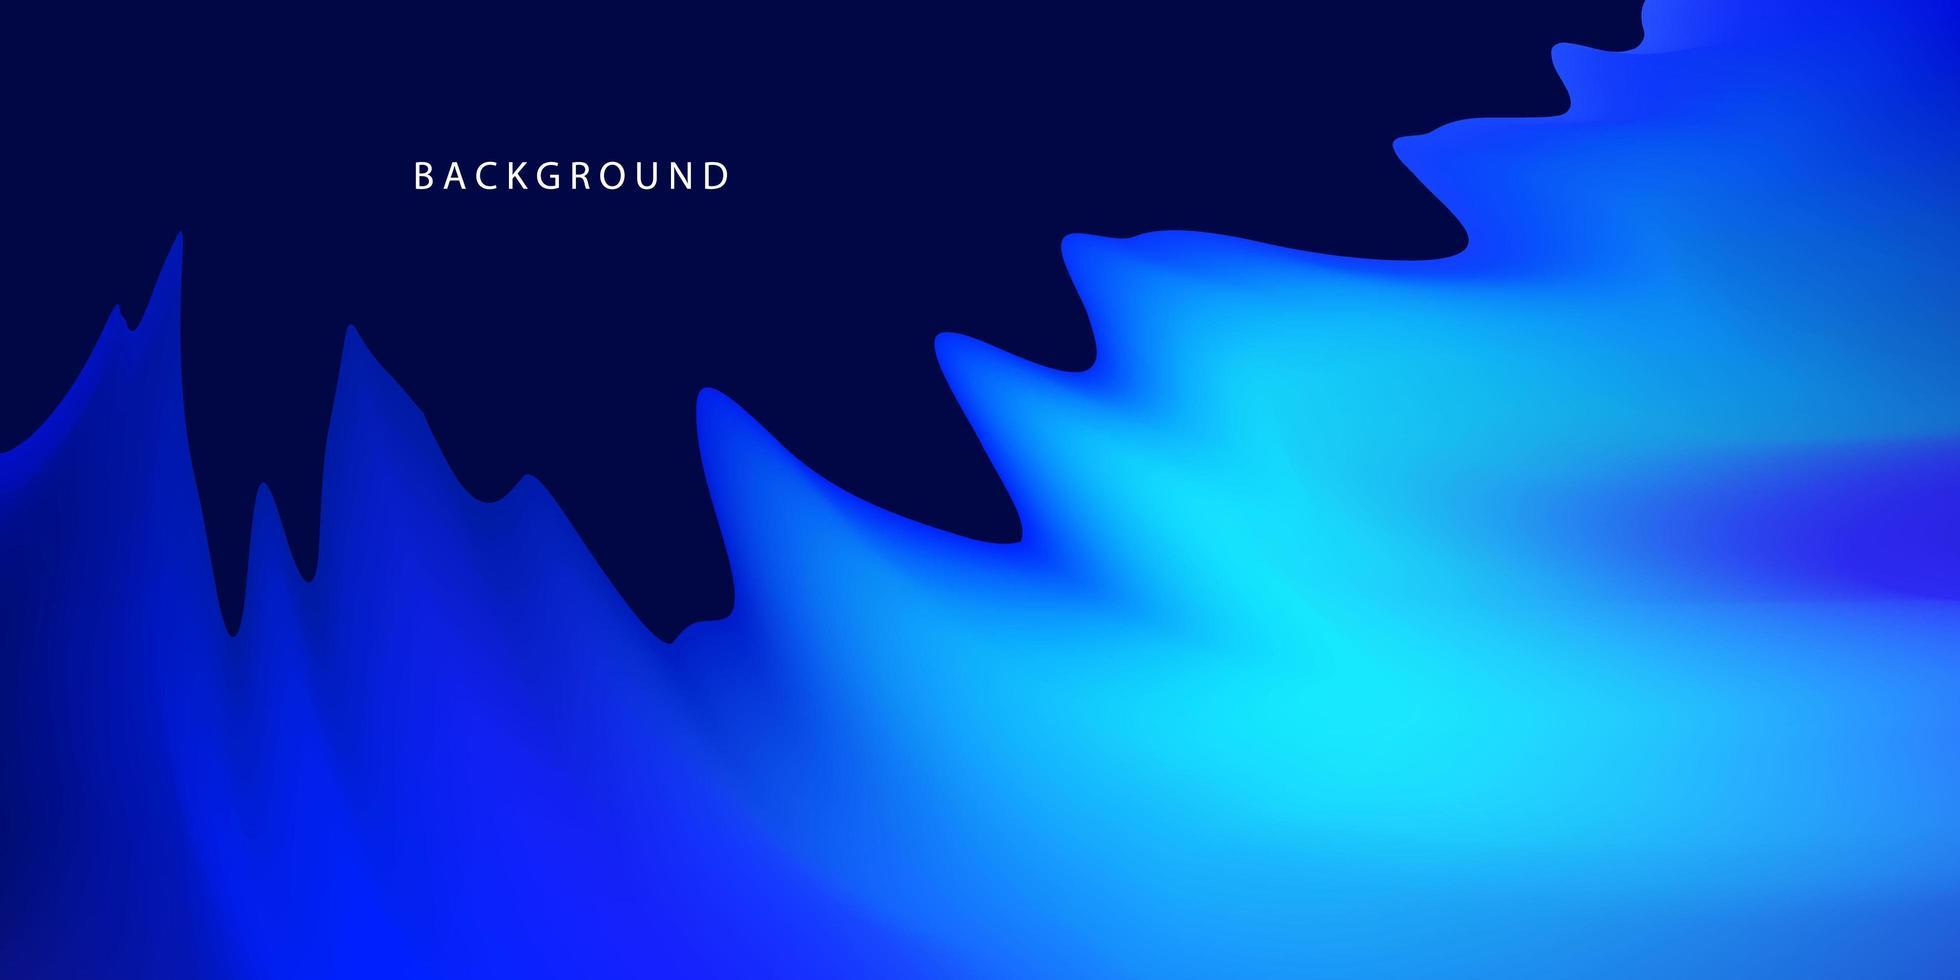 abstraktes blaues flüssiges Gradientenhintergrundkonzept für Ihr Grafikdesign vektor